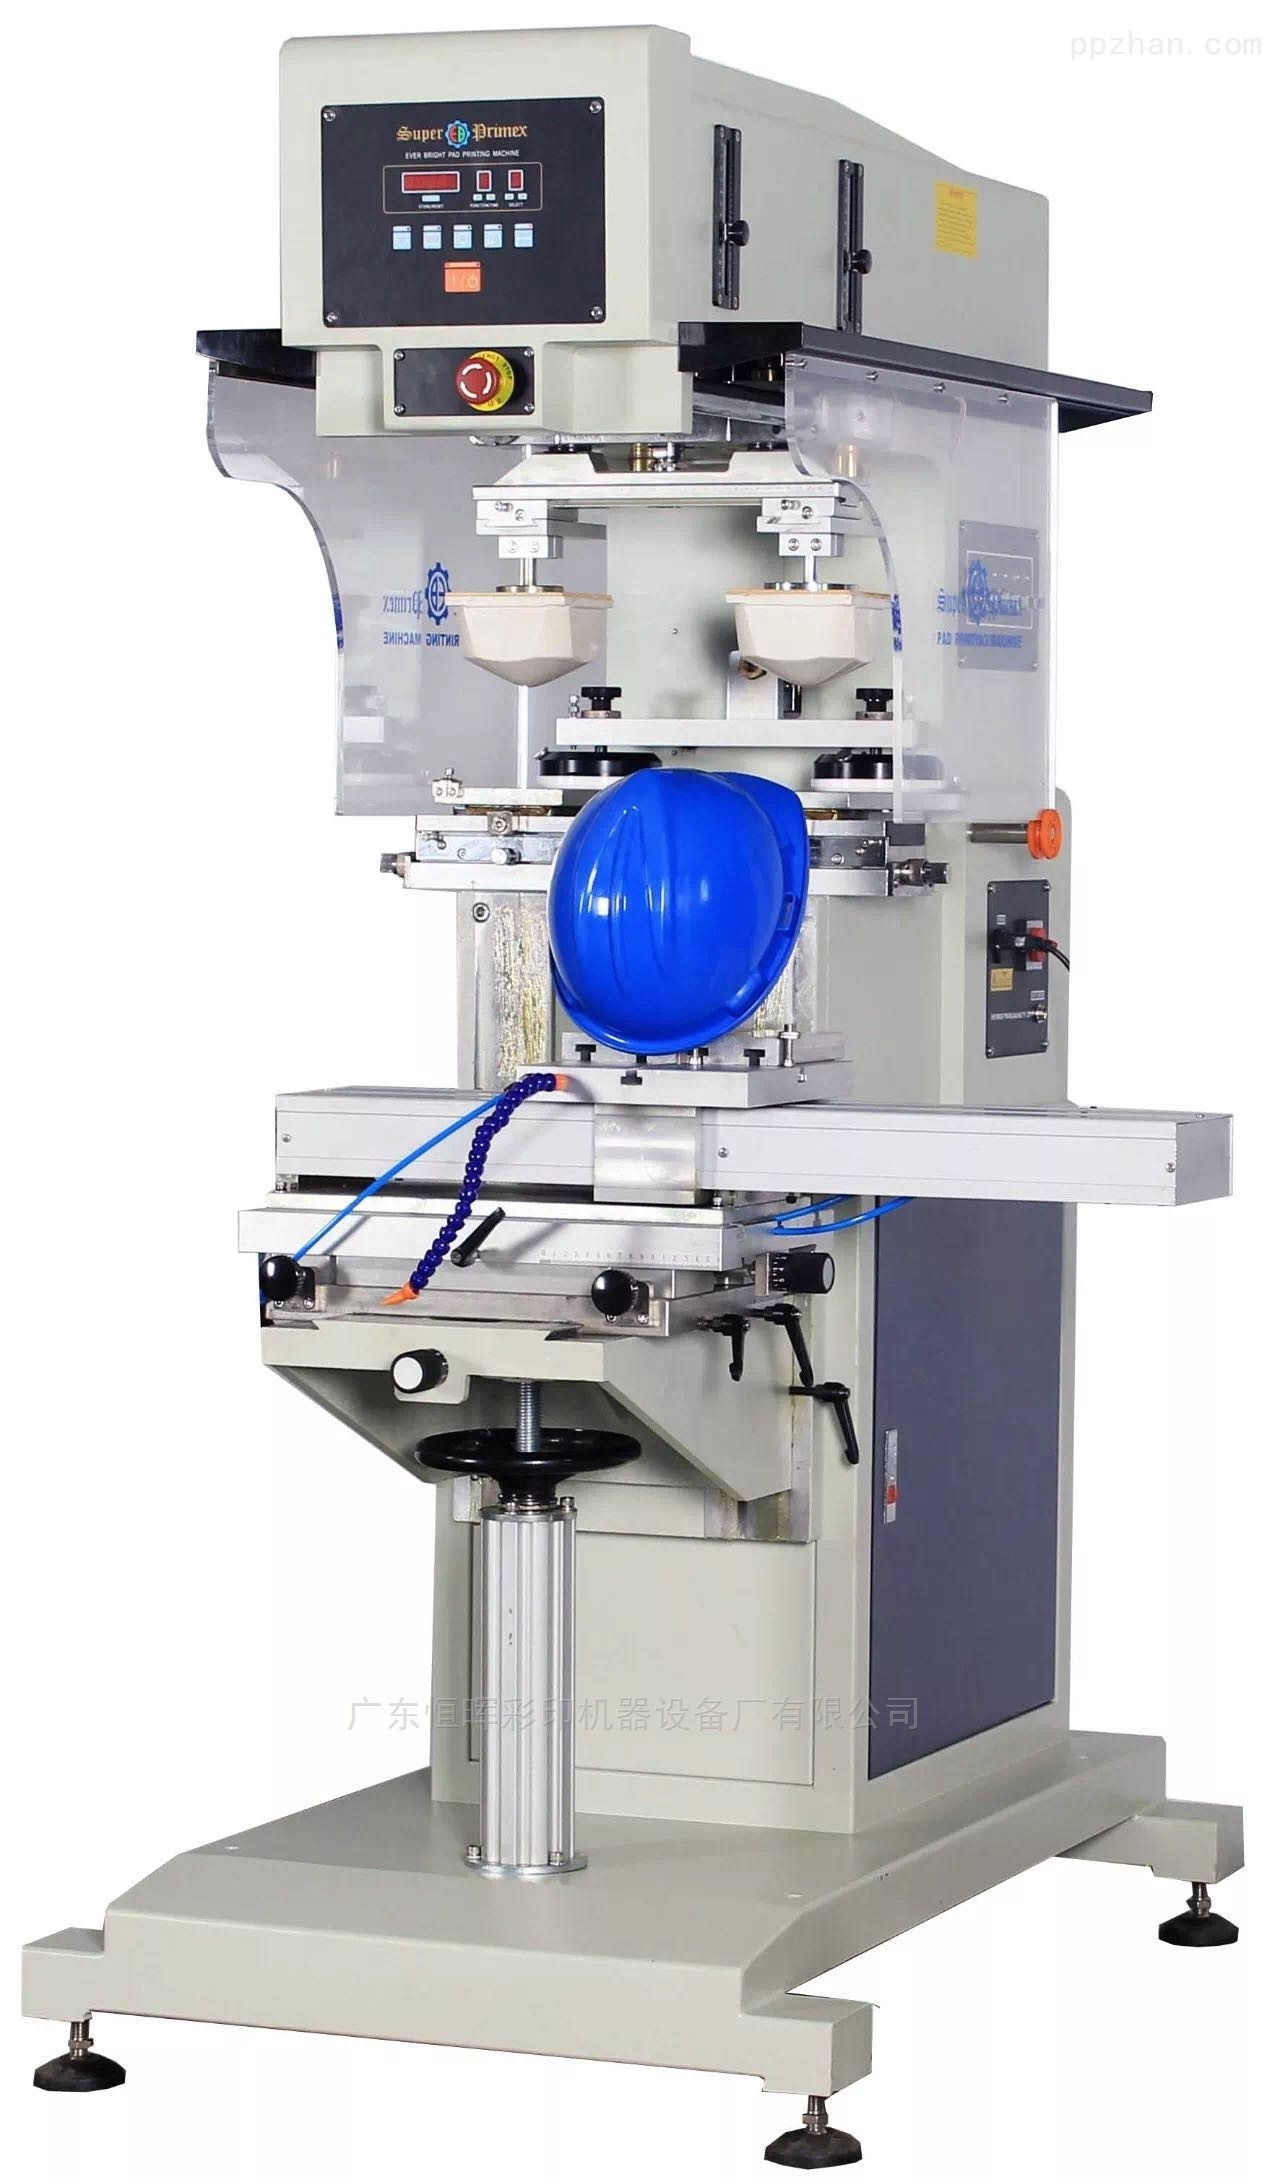 SPC-820SD-安全帽广东恒晖牌双色油盅移印机